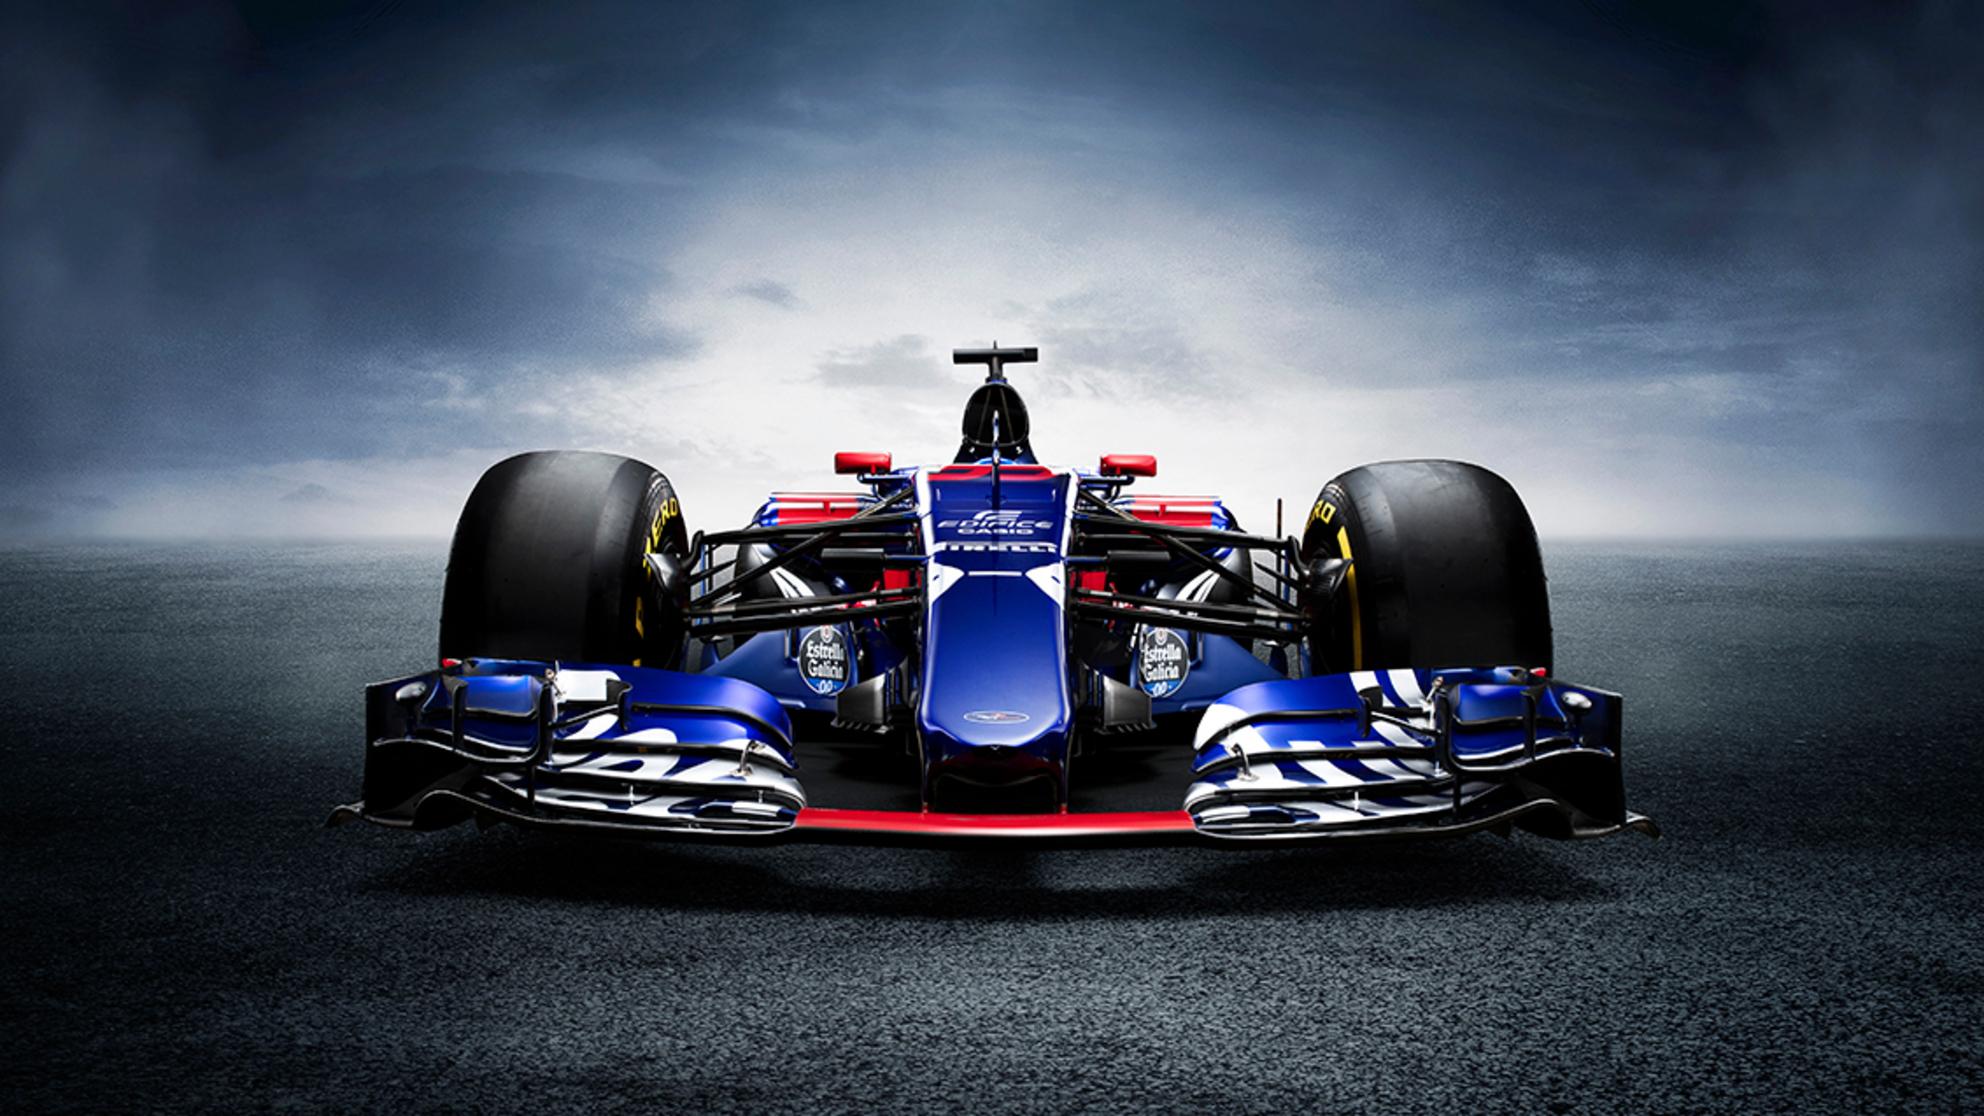 2017 Sainz F1 Toro Rosso STR12 - Je krijgt niet vaak de kans om een  F1-auto te fotograferen. Geweldig natuurlijk. Wat ontzettend veel coole ontwerpdetails heeft de Toro Rosso. De v - foto door Fotovanjeauto op 20-11-2020 - deze foto bevat: lucht, race, licht, bewerkt, landschap, vleugel, bewerking, voertuig, f1, contrast, photoshop, autosport, circuit, transport, hdr, creatief, asfalt, coureur, wallpaper, supercar, spoiler, autofotografie, bewerkingsopdracht, carbon, bewerkingsuitdaging, automotive, red bull, Formule 1, toro rosso, race circuit, auto fotografie, sainz, fdl technique, car fine art, red bull f1, str12, scuderia alphatauri, carlos sainz - Deze foto mag gebruikt worden in een Zoom.nl publicatie